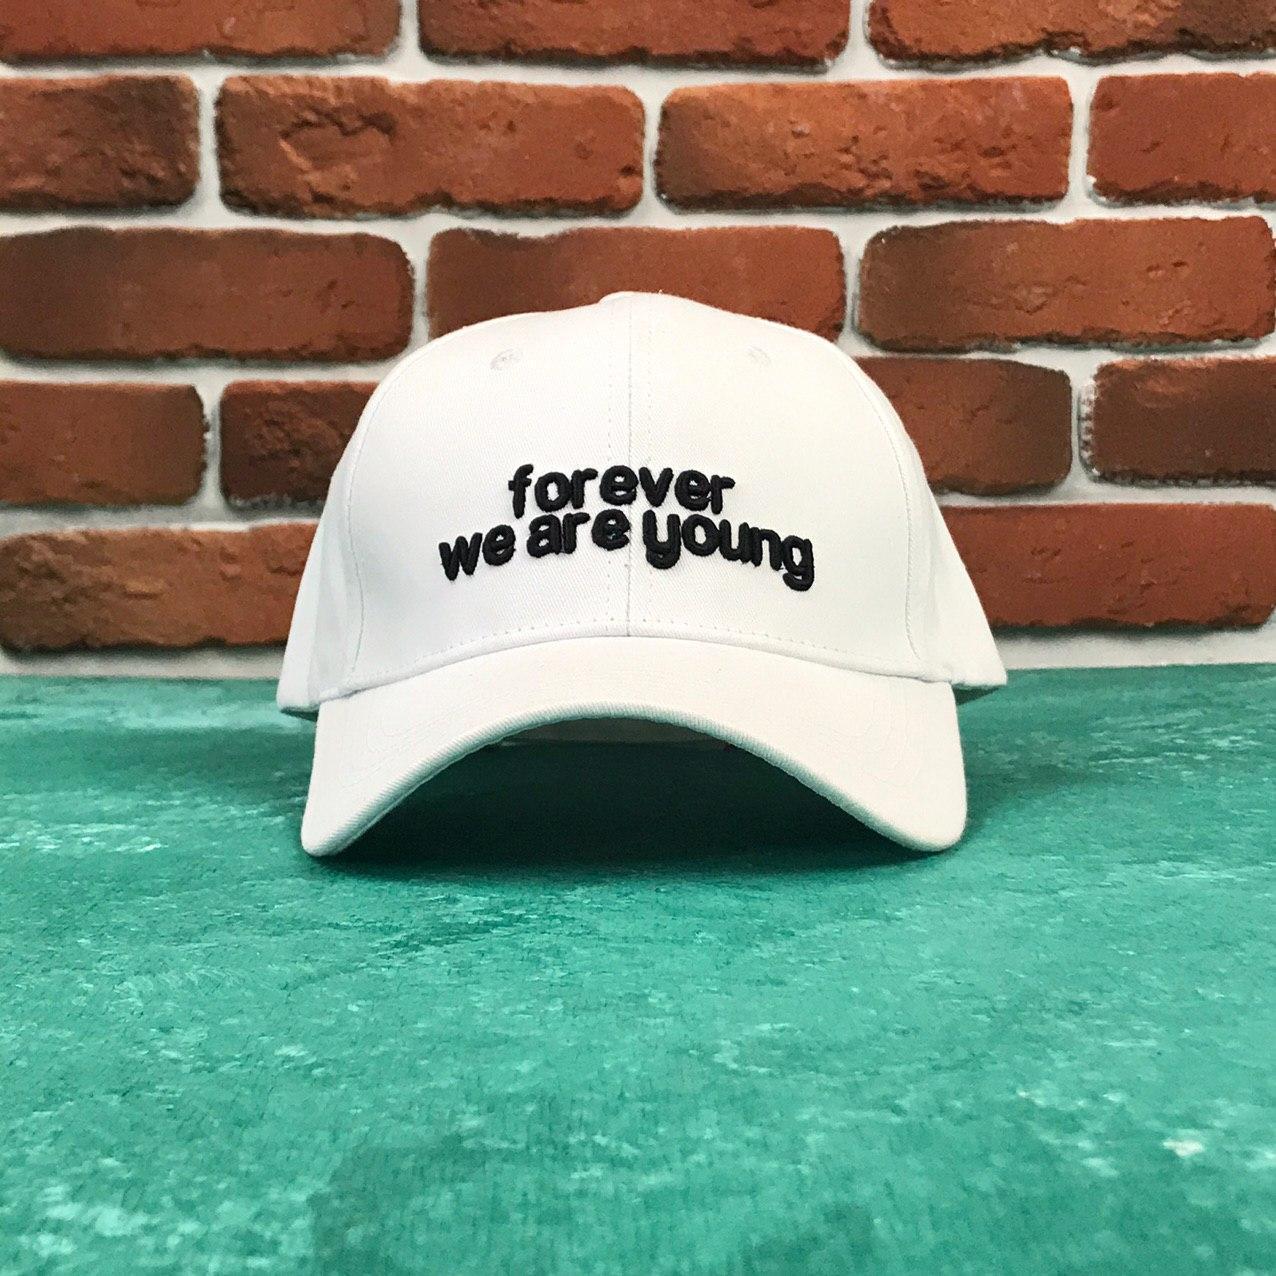 Кепка Бейсболка Мужская Женская City-A с надписью Forever we are young Белая